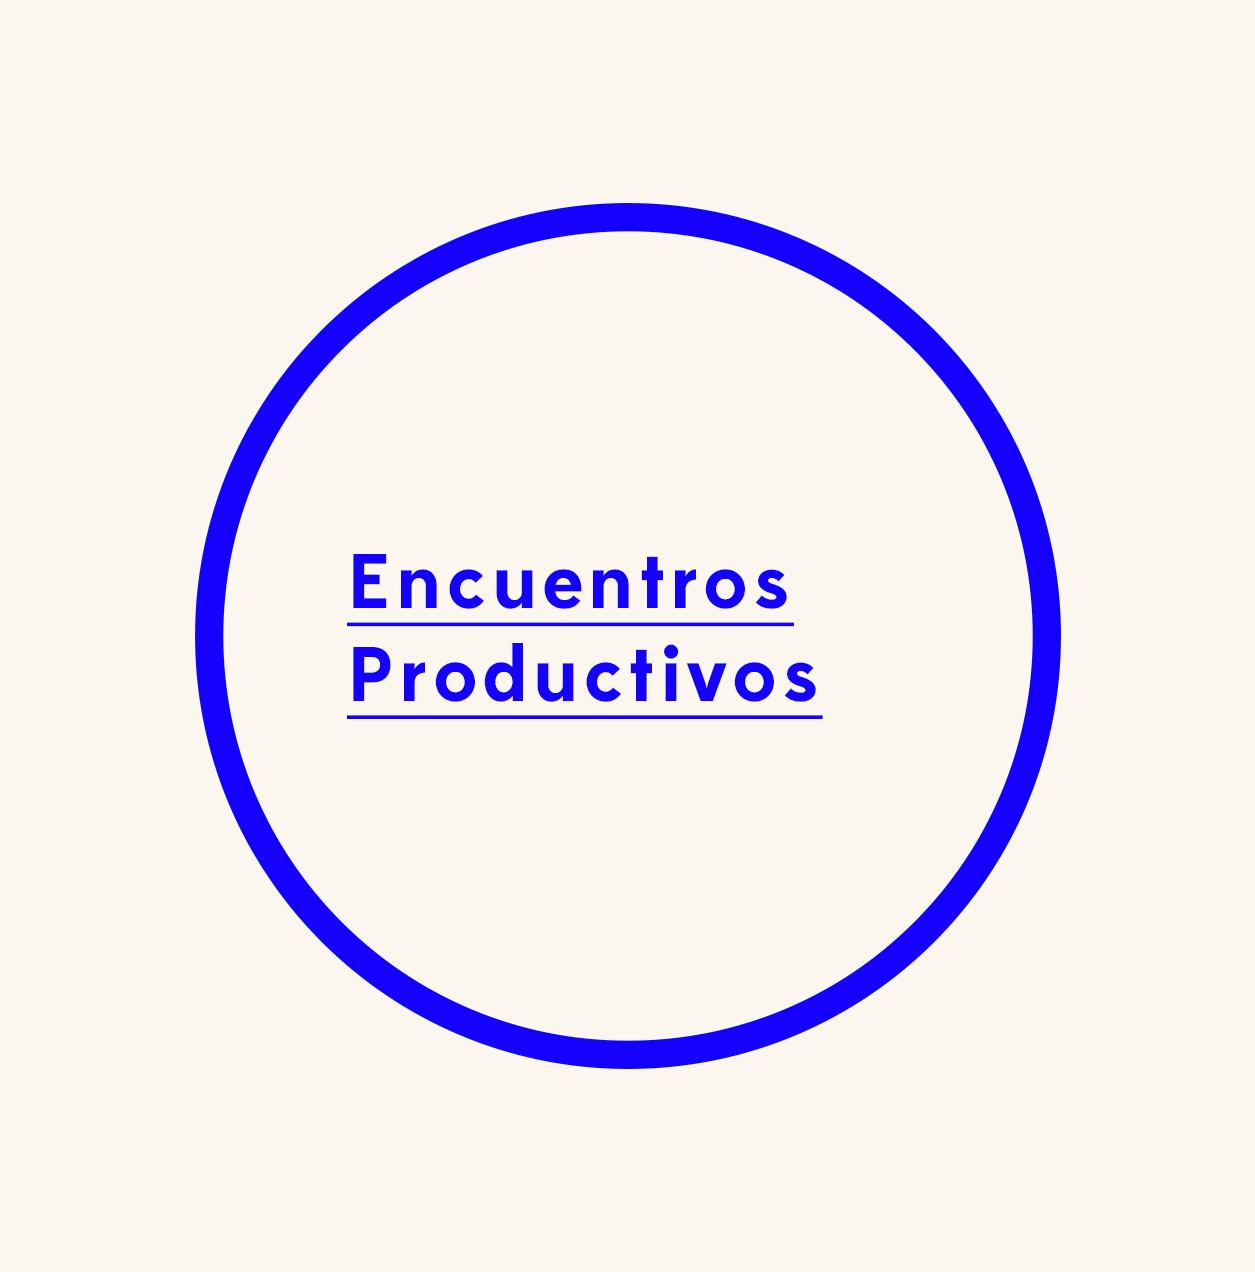 Evento: Encuentros Productivos